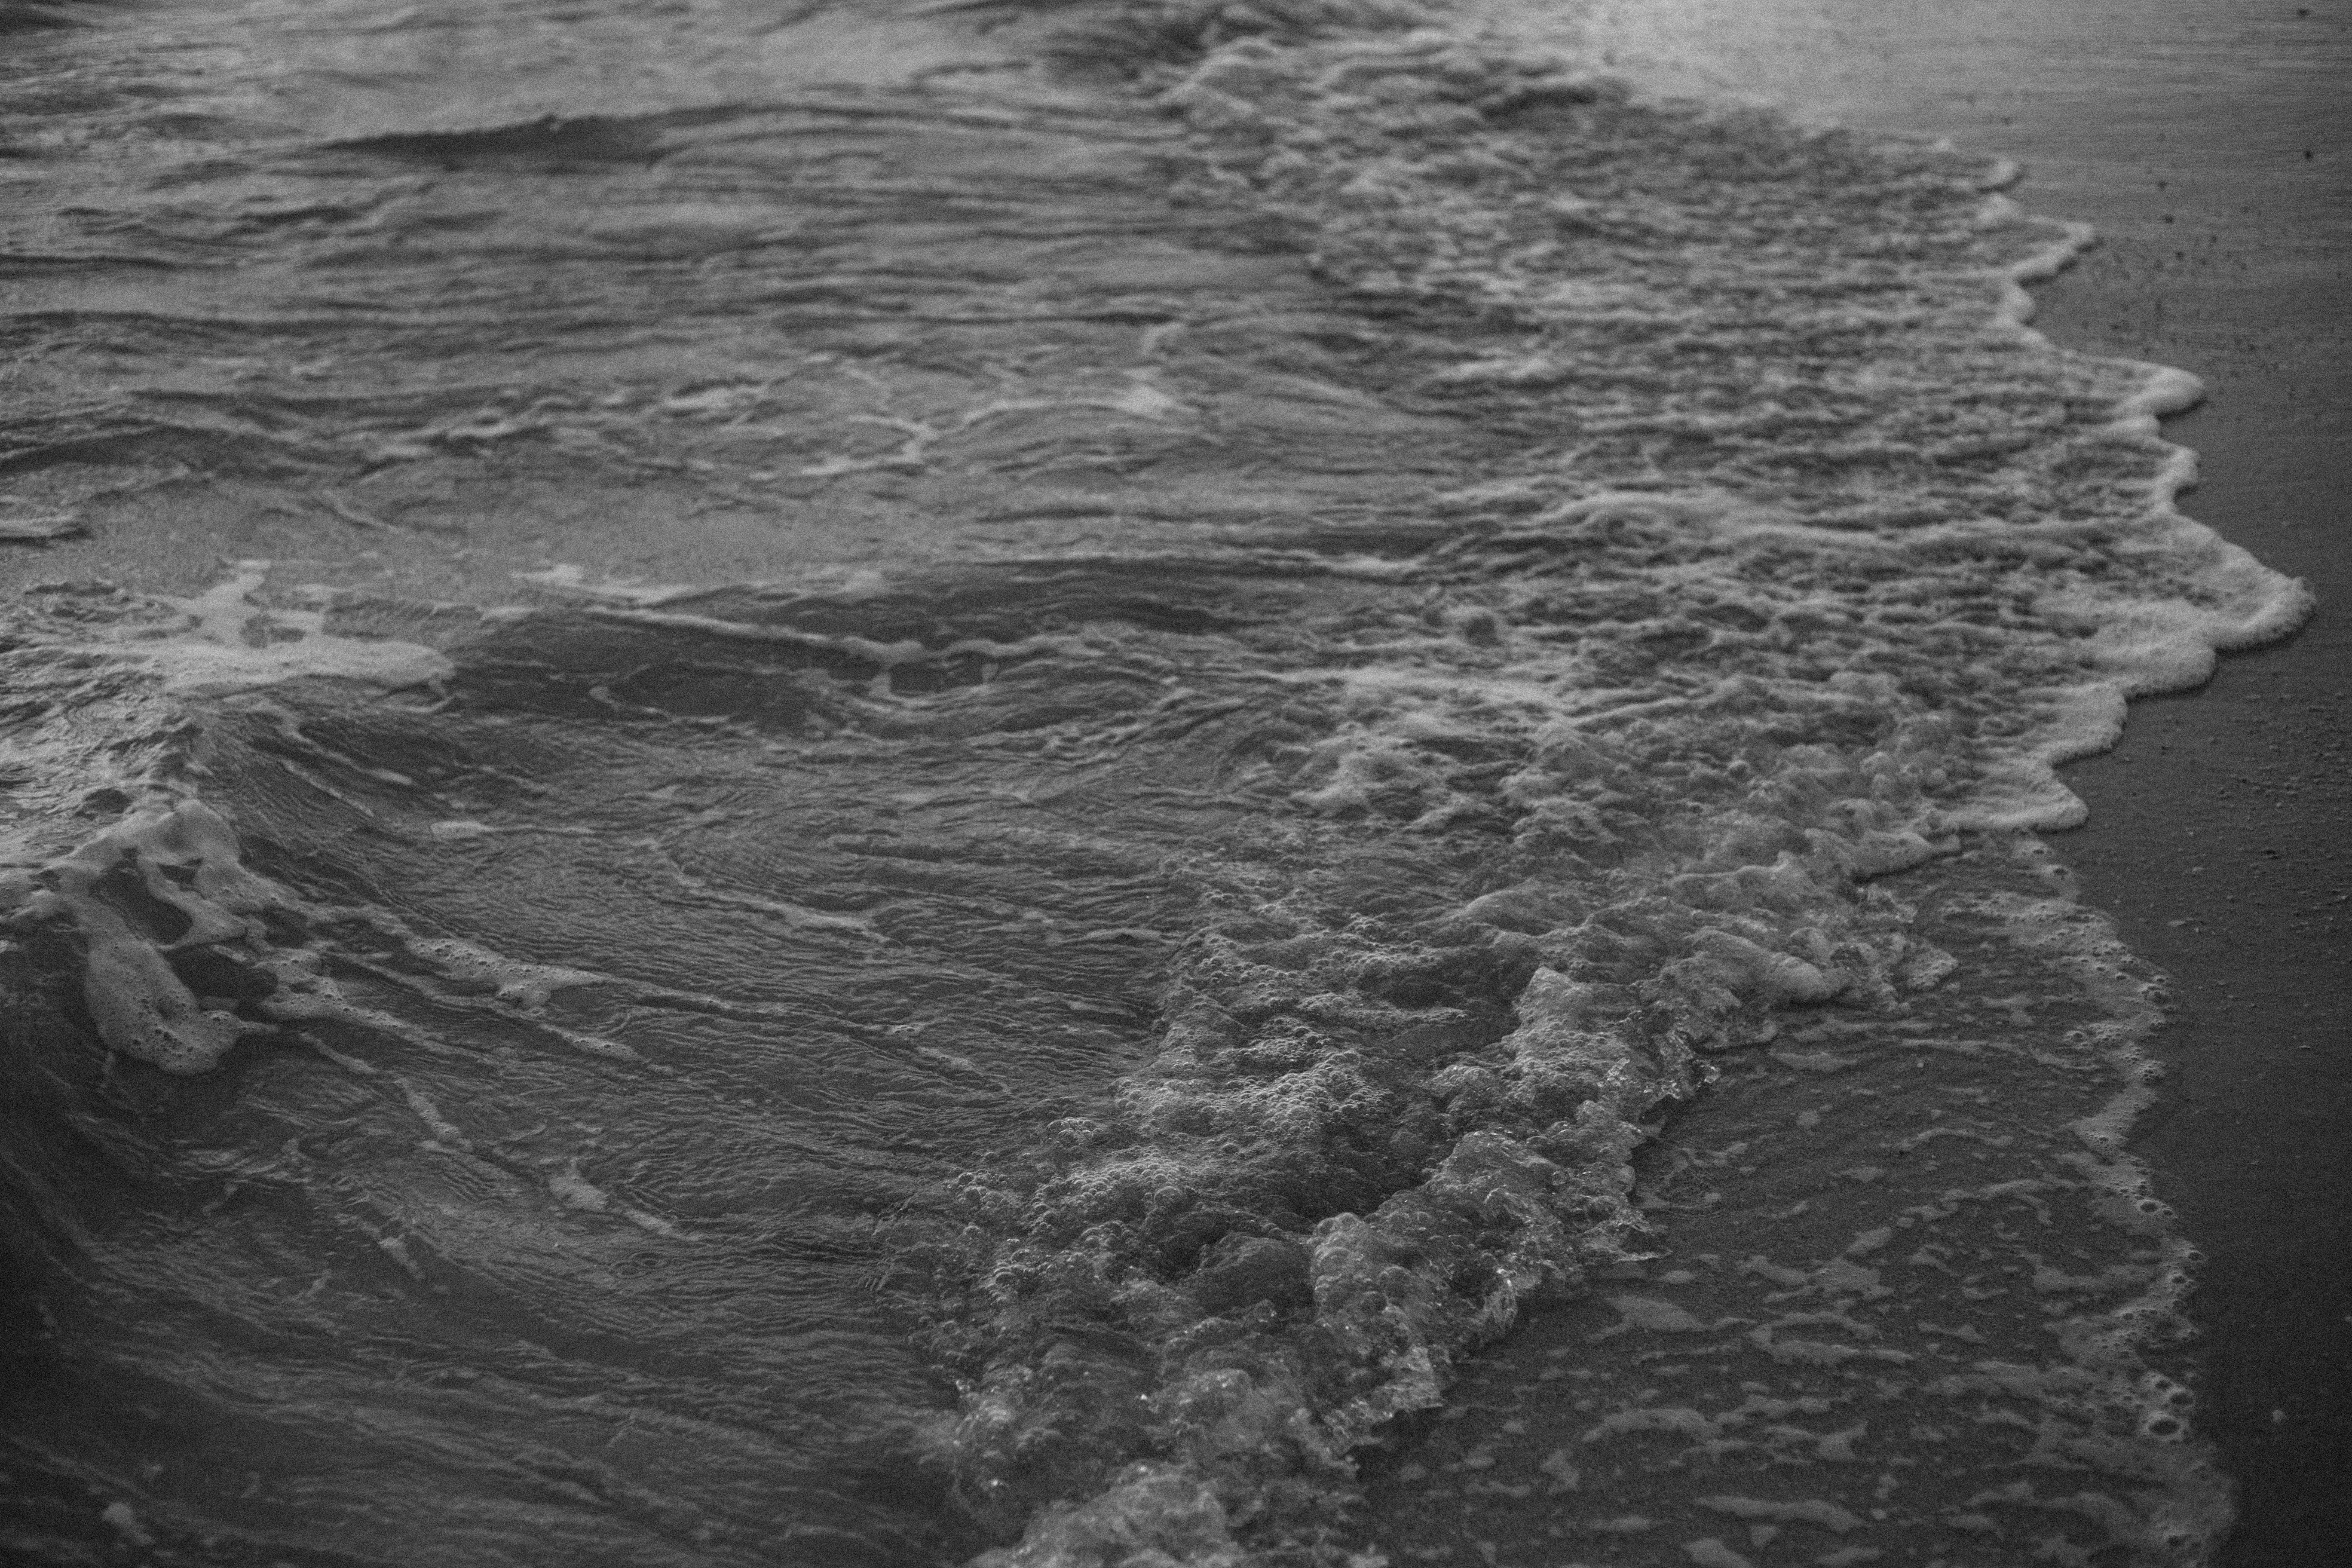 Sea Waves Hitting on Seashore